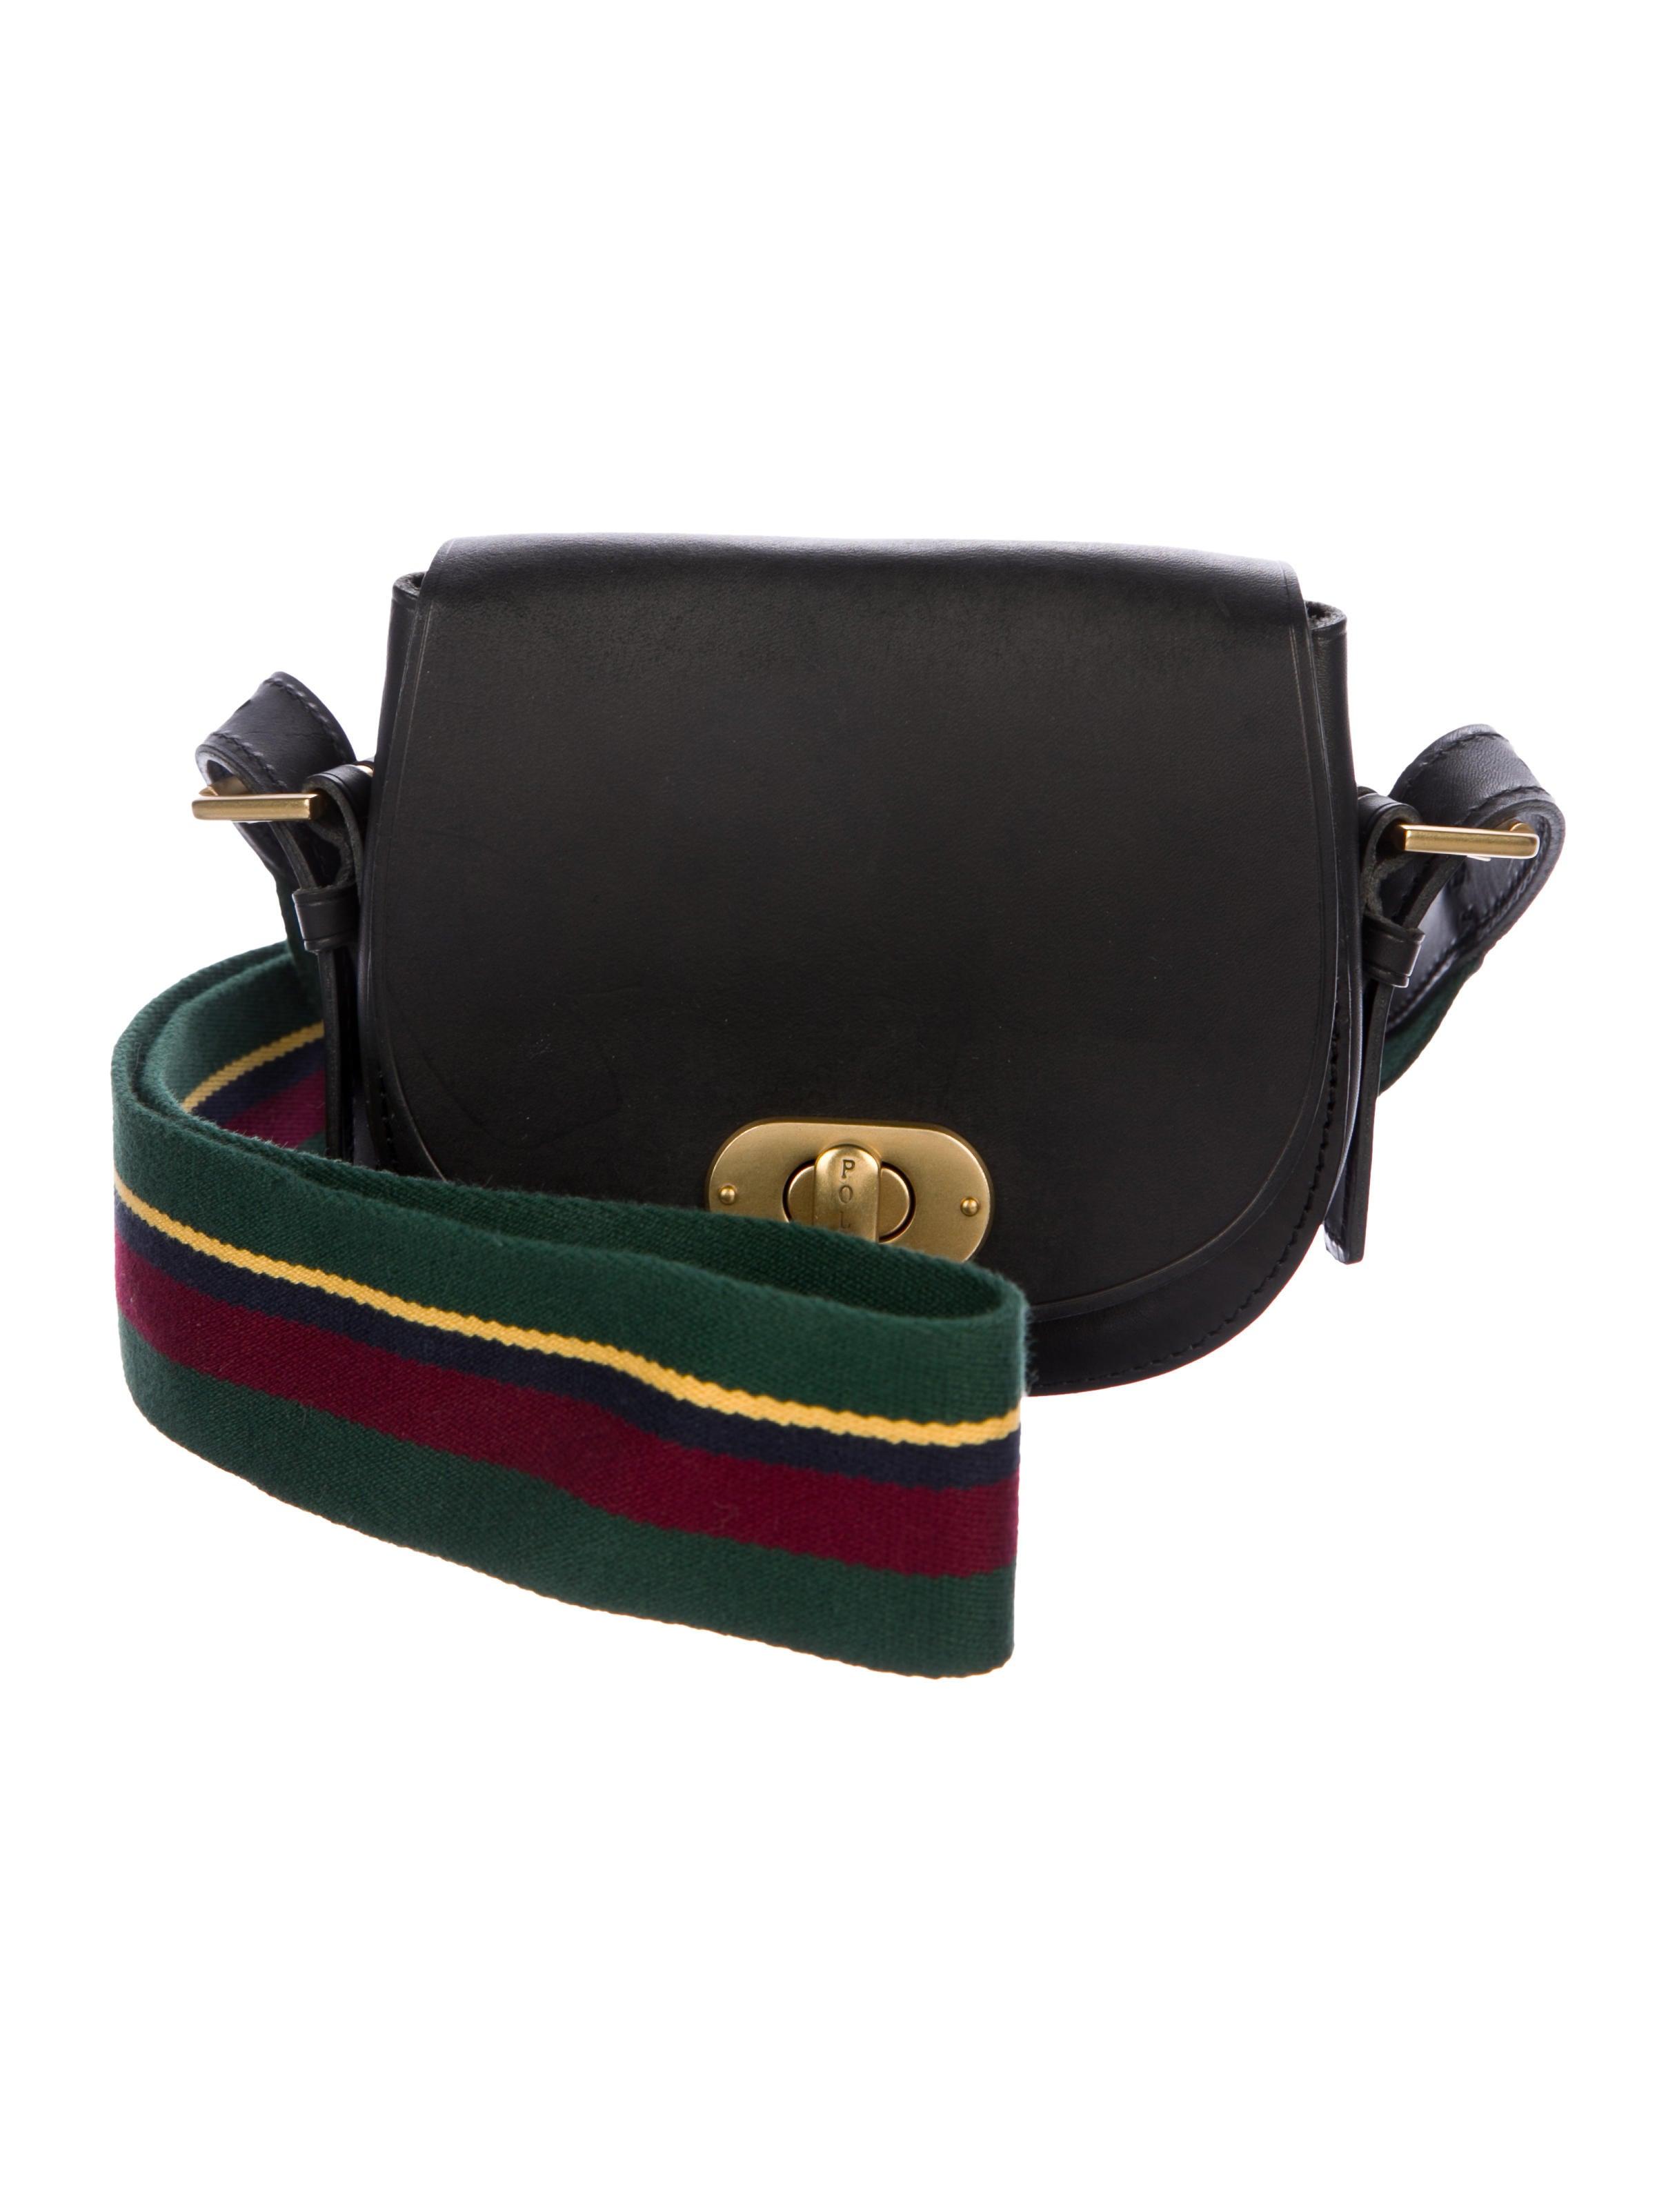 7893515bd Polo Ralph Lauren Mini Saddle Bag - Handbags - WPRLN22584 | The RealReal